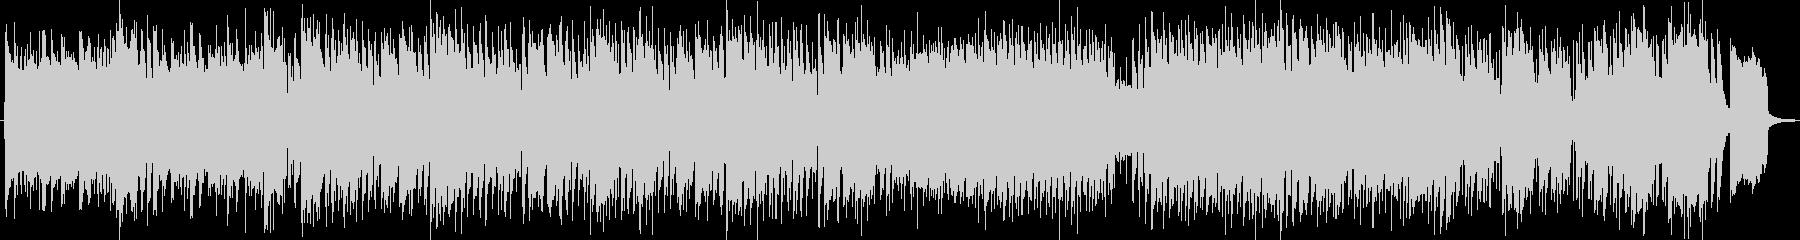 クラシック曲シチリアーノのロックメタル…の未再生の波形